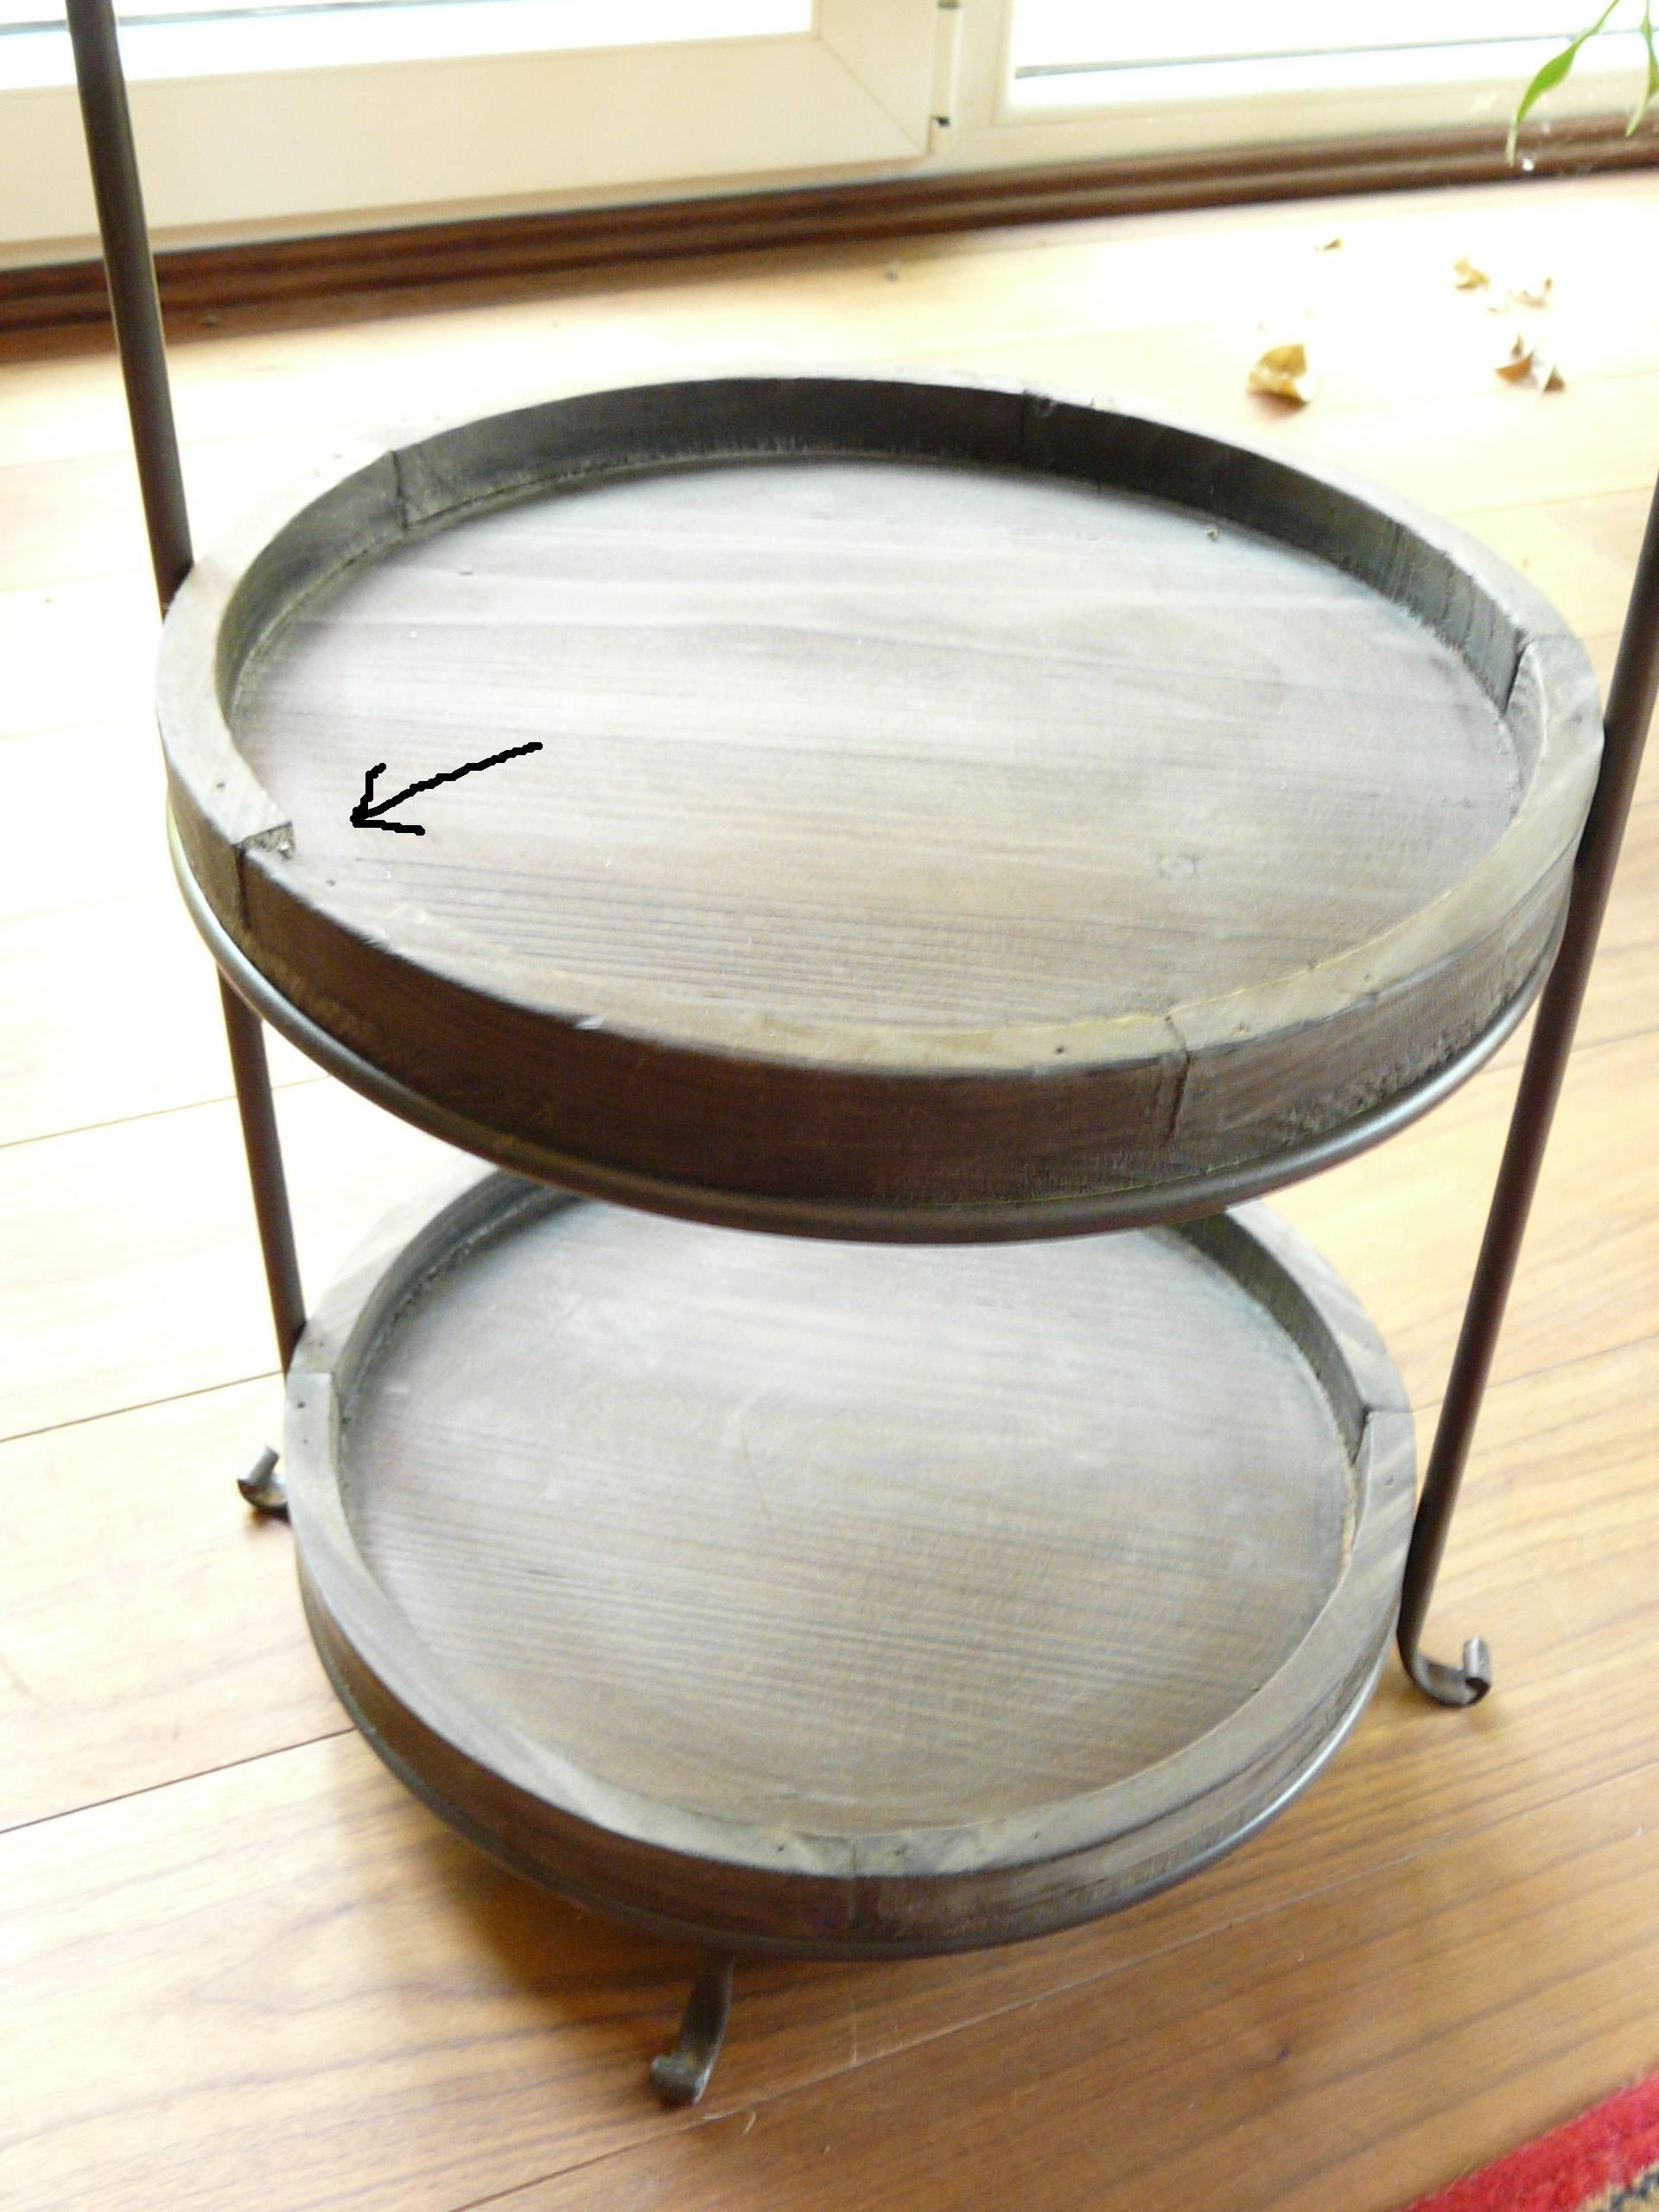 Etagere Aus Holz Und Metall ~ Details zu Etagere Holz Metall Vintage Look braun groß B Ware